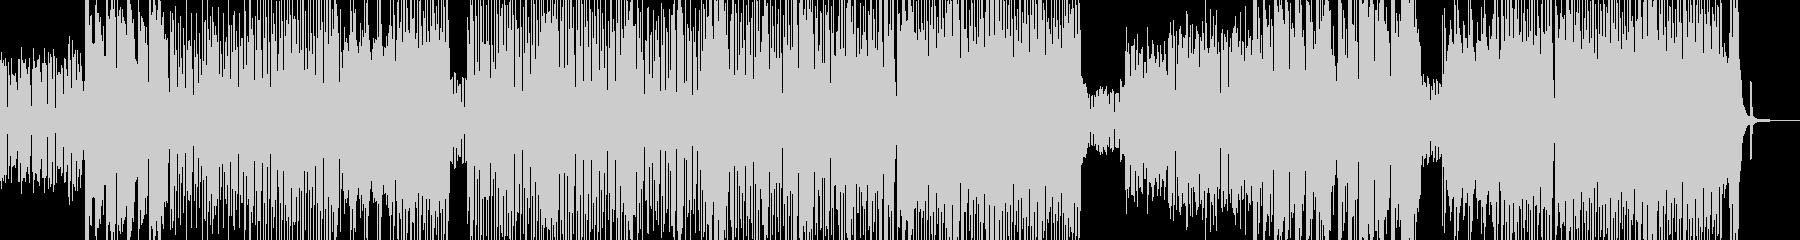 マリンバの童話チックなカントリーポップの未再生の波形